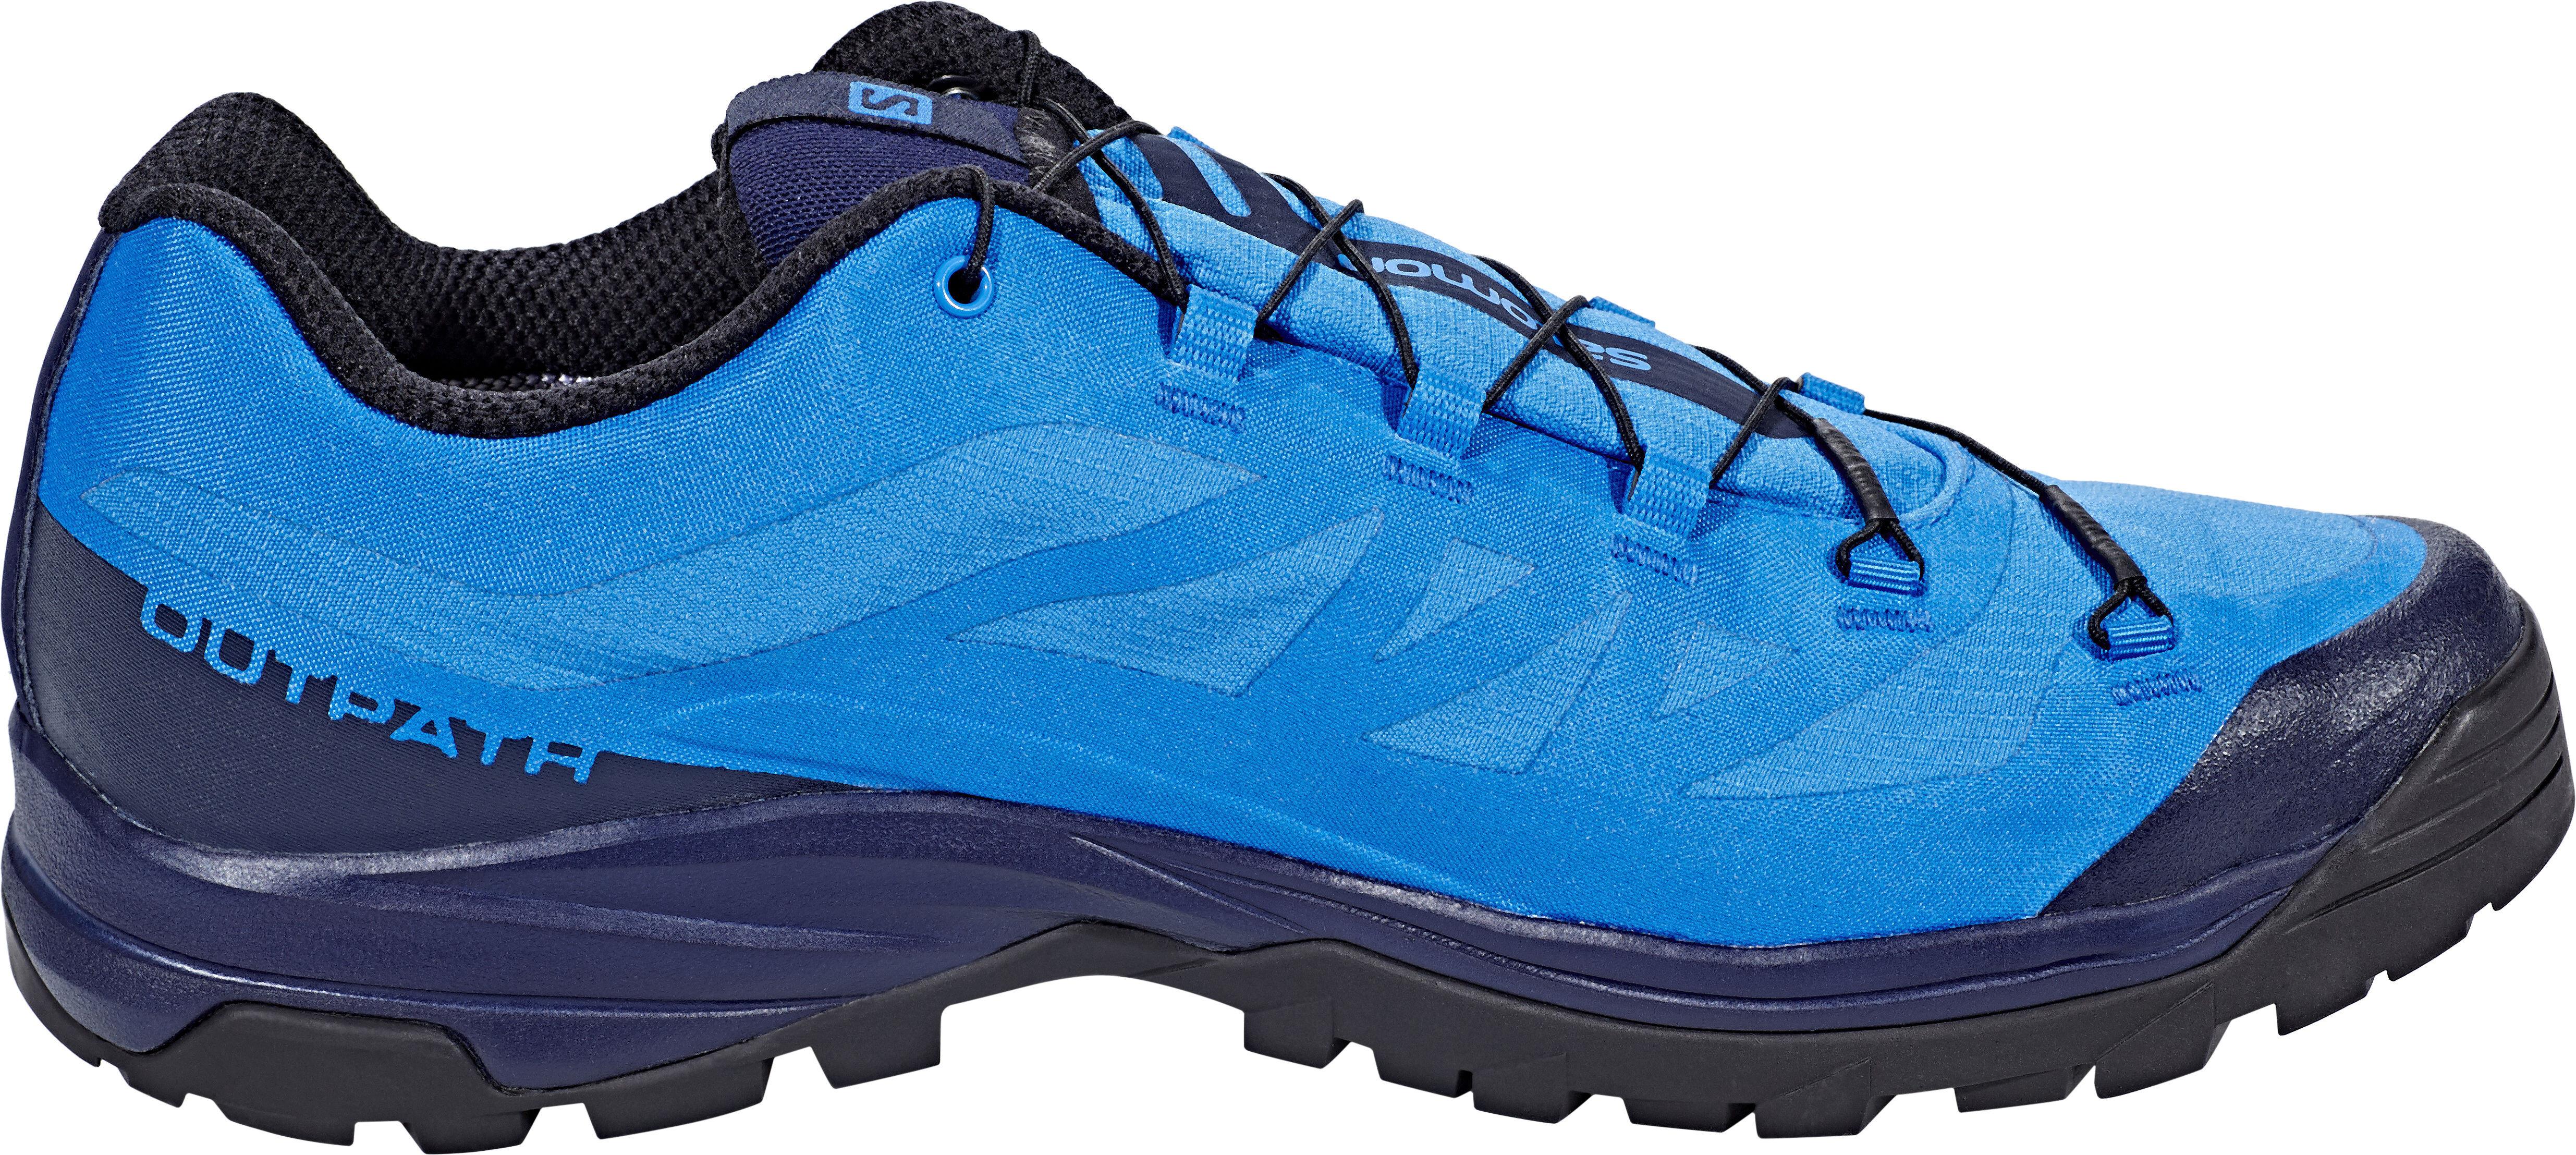 8845a35718e Salomon Outpath GTX Schoenen Heren blauw l Outdoor winkel campz.be